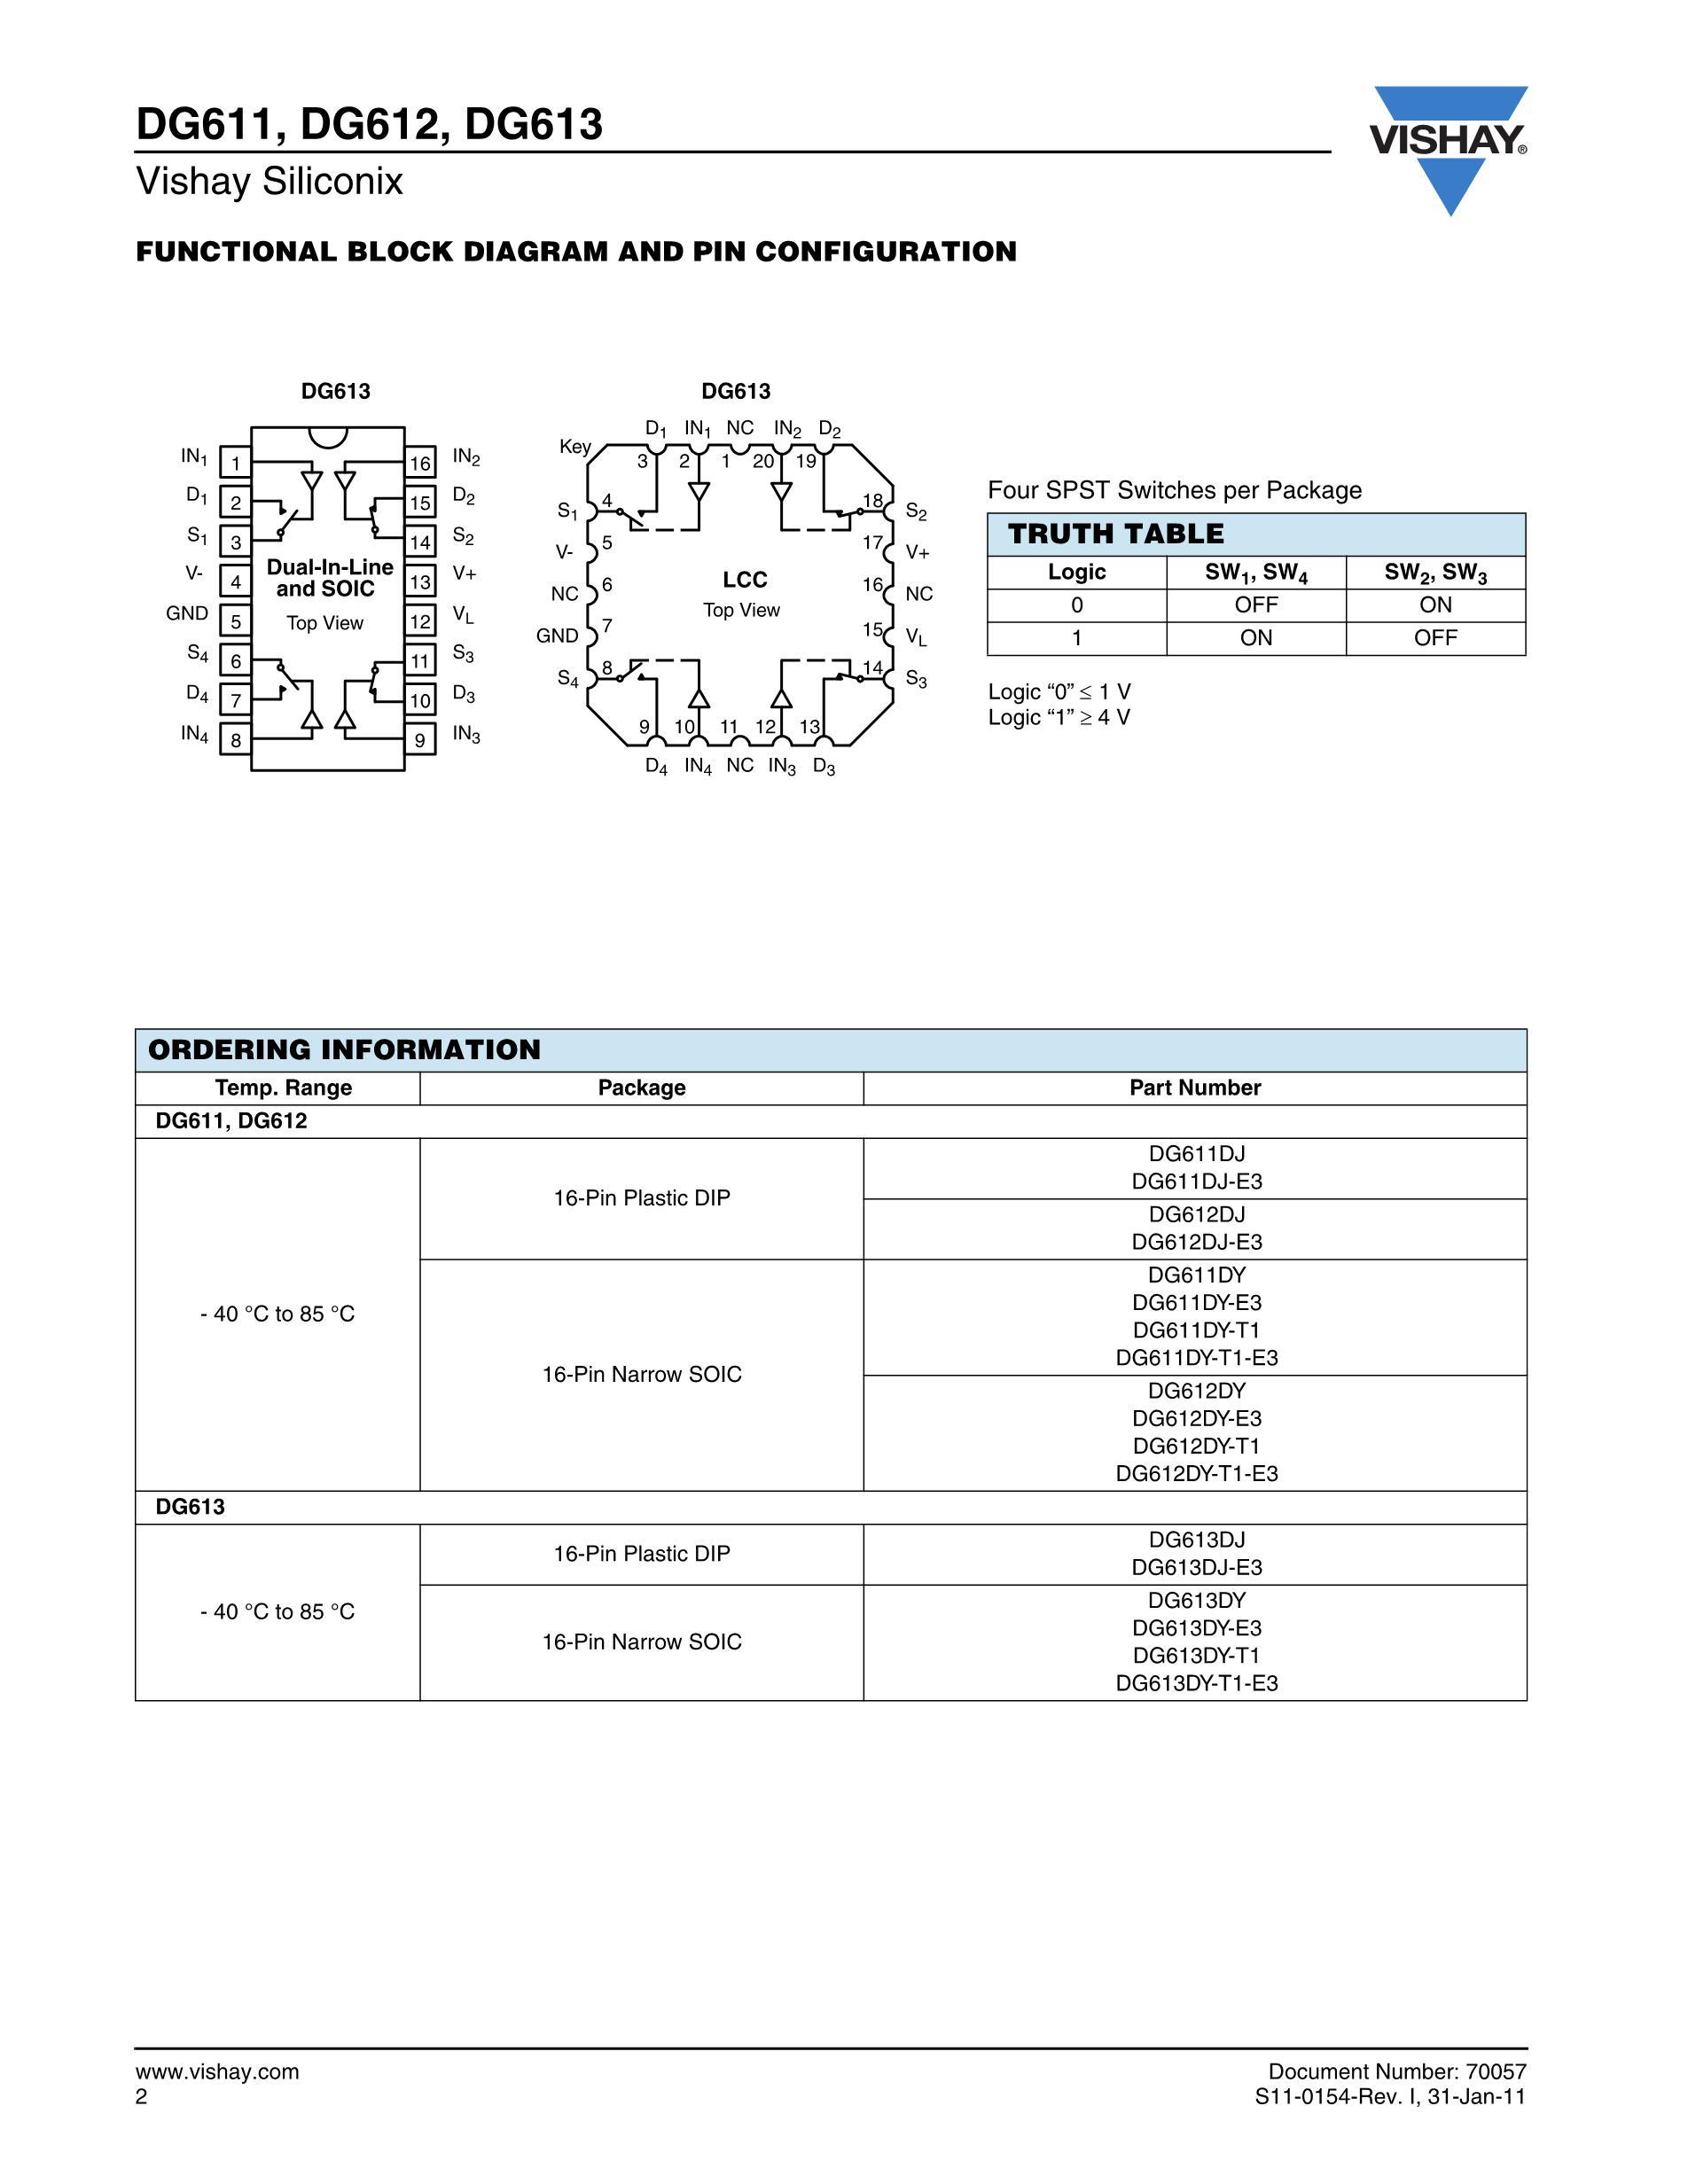 DG613DY's pdf picture 2